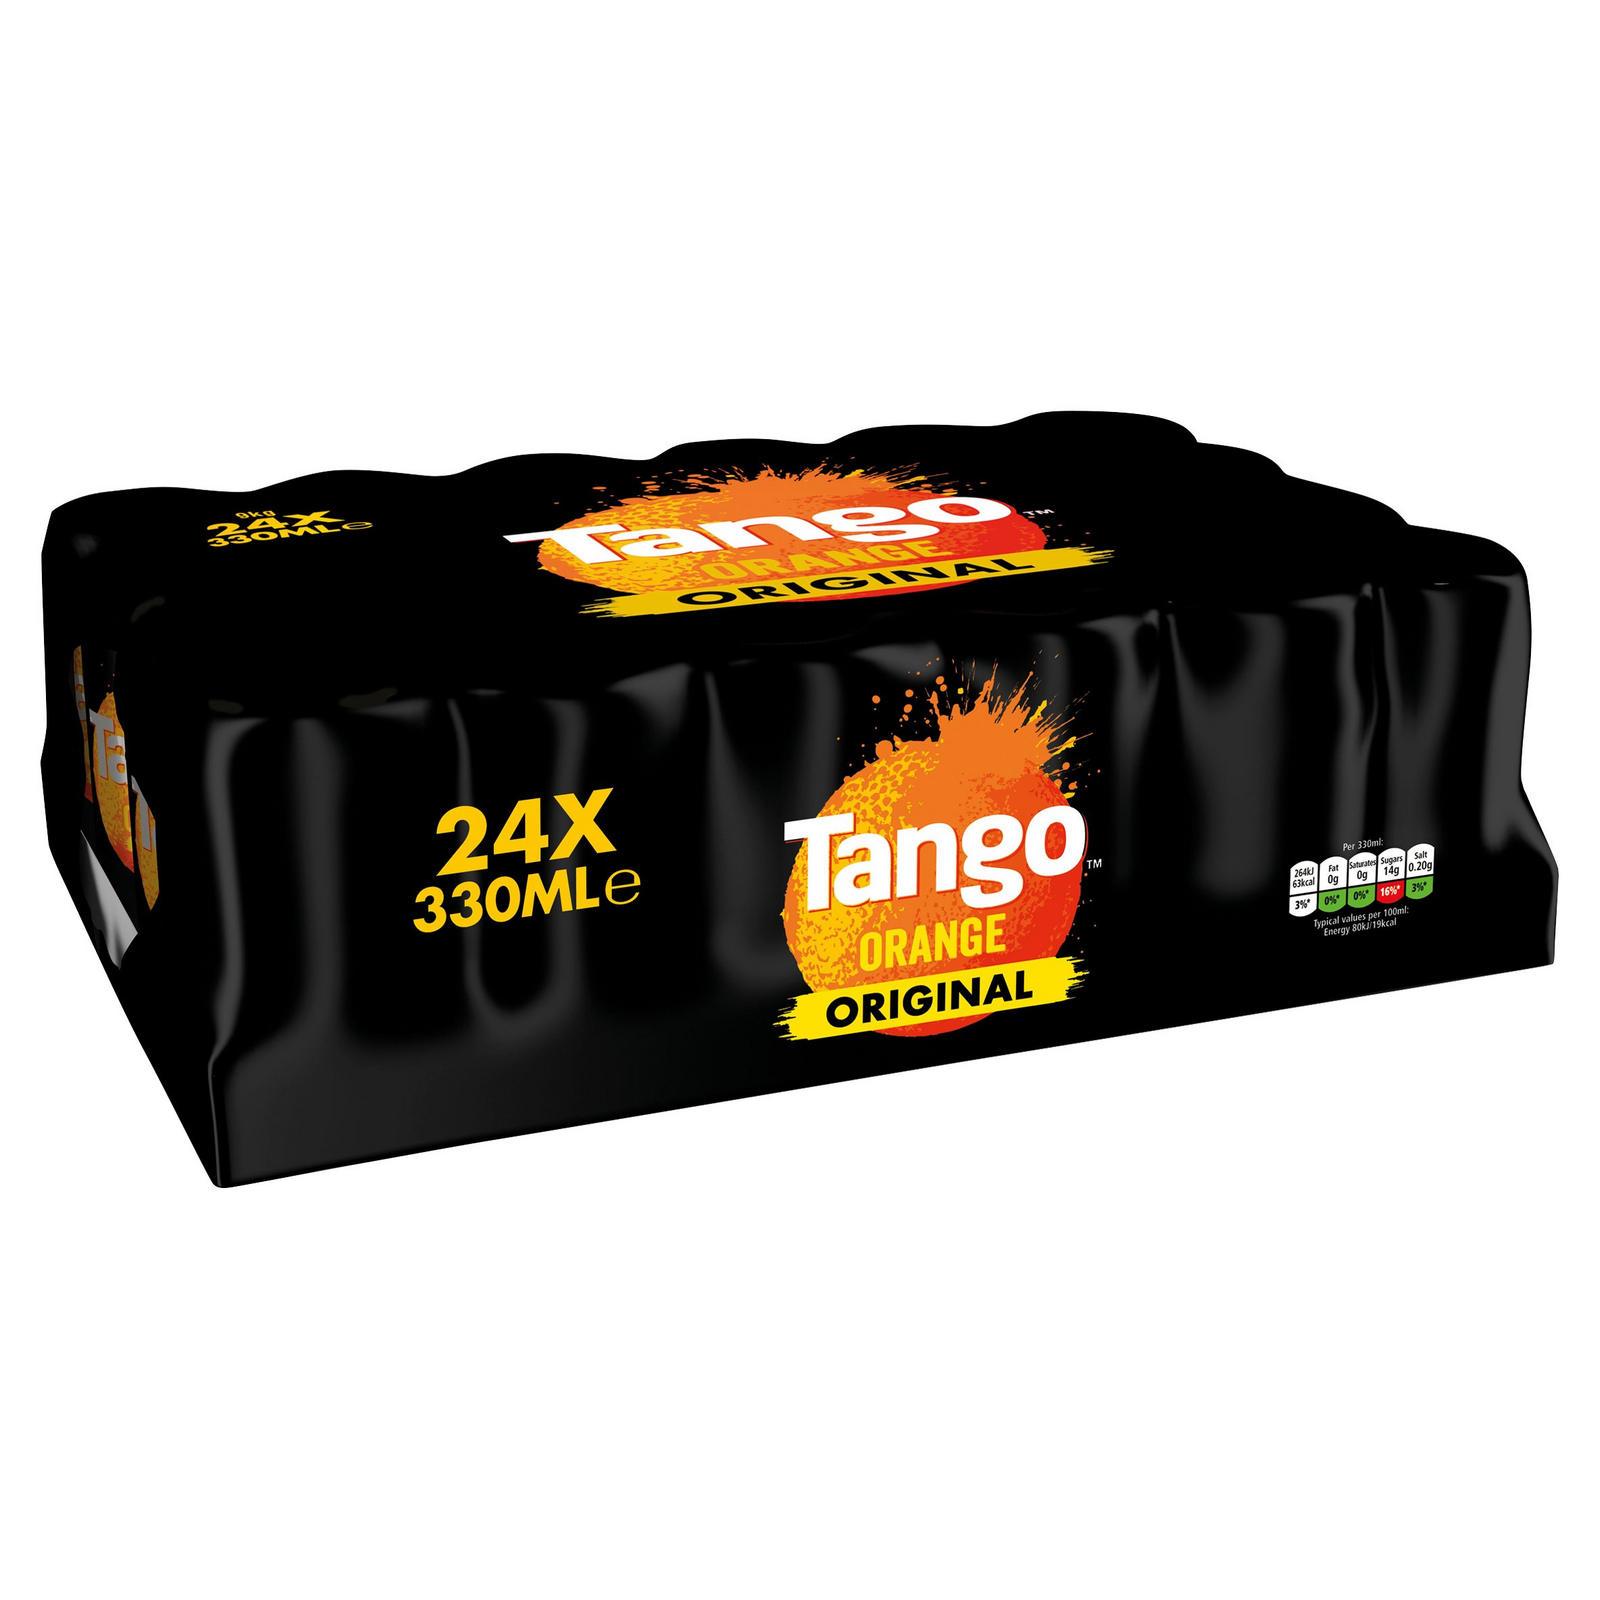 Tango Orange Can 330 Ml (pack Of 24) - £6.36 (Prime) / £10.85 (Non Prime) delivered @ Amazon